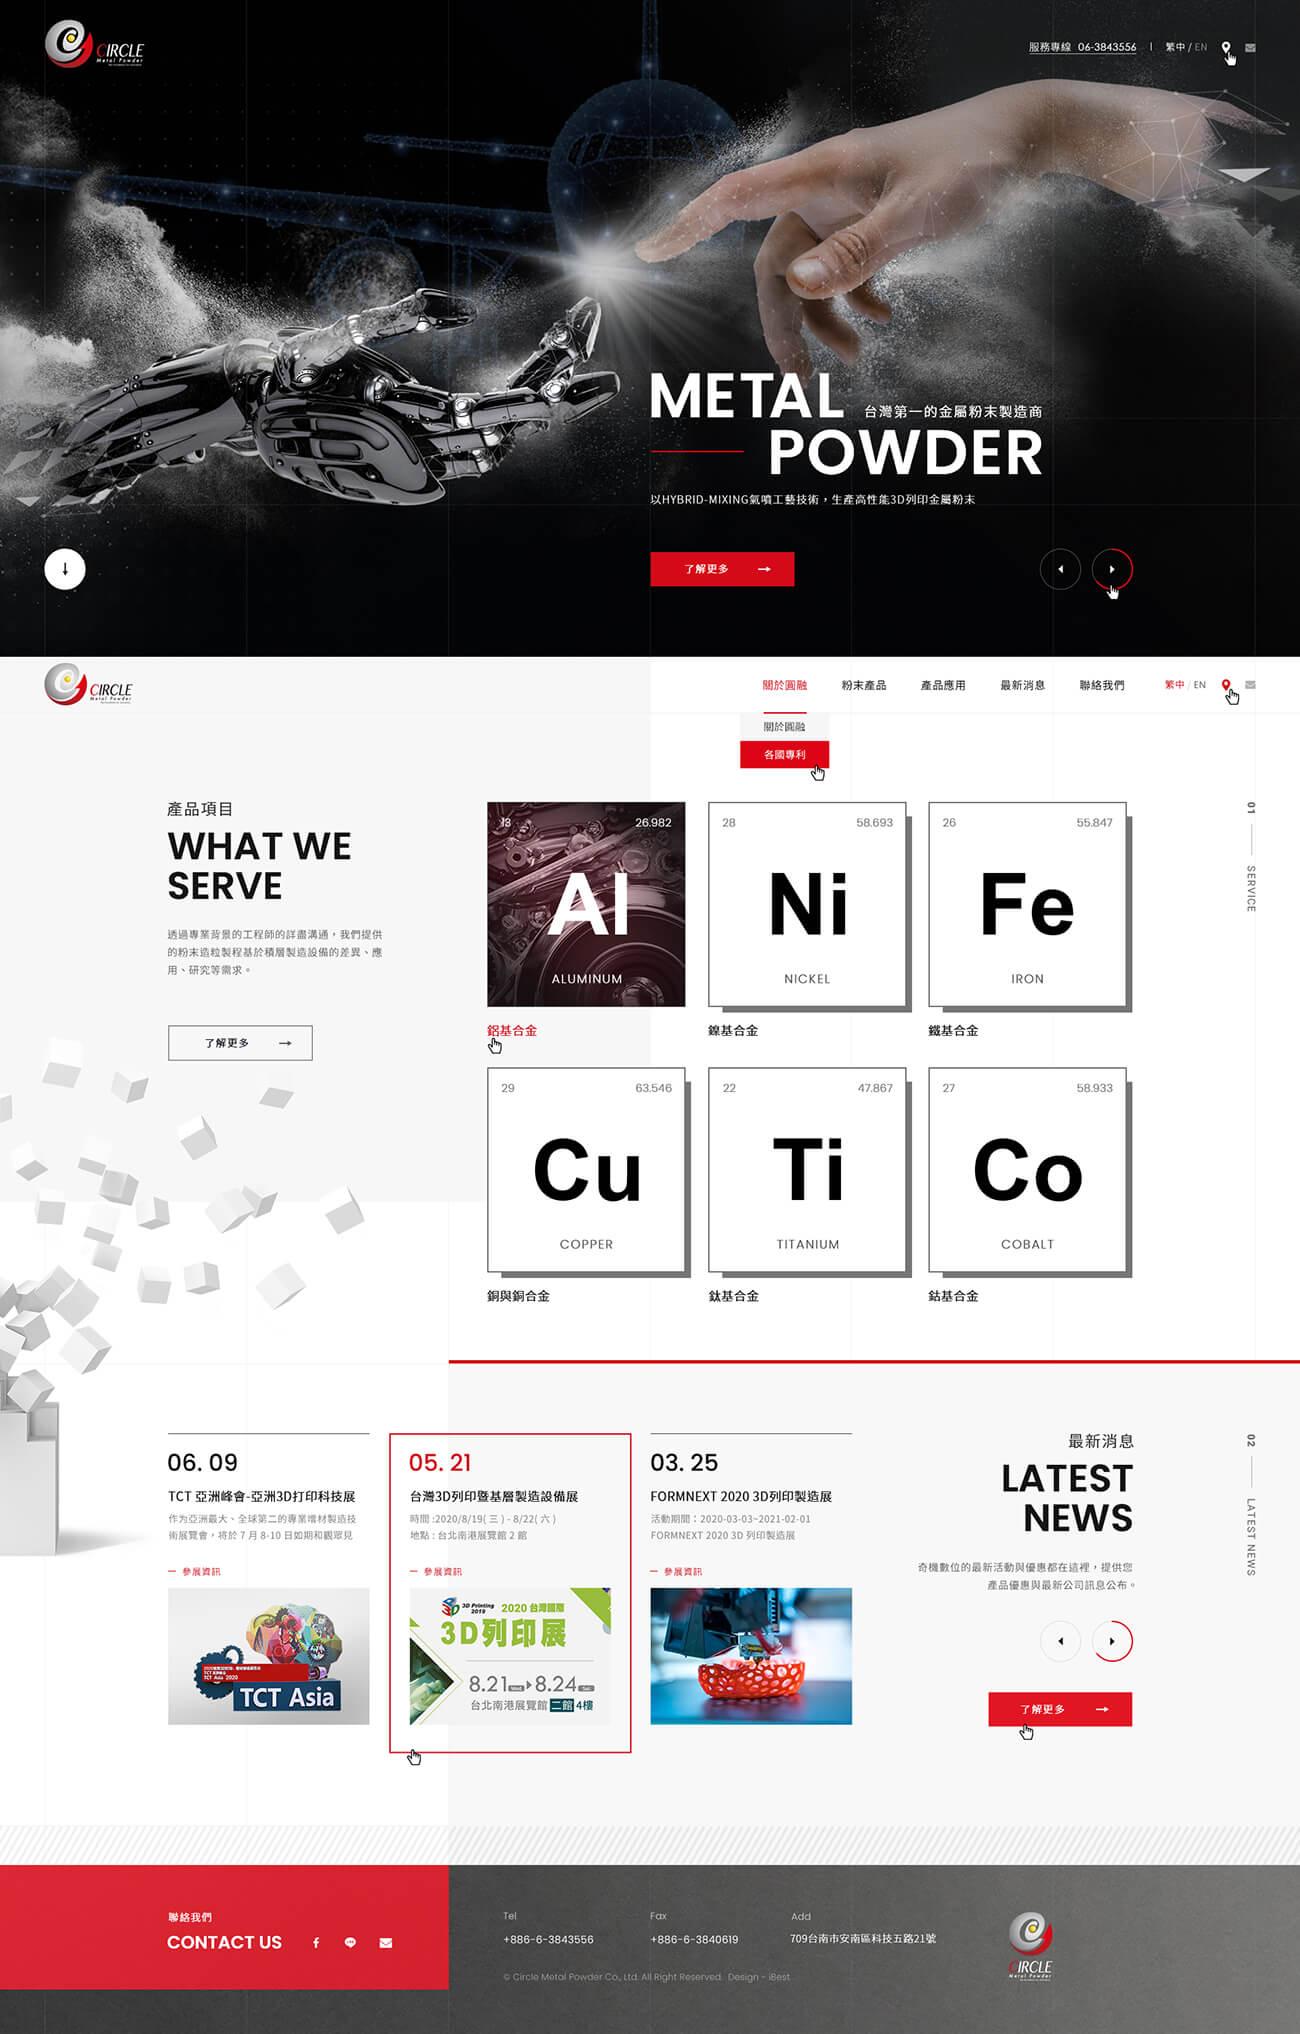 圓融金屬粉末-網頁設計